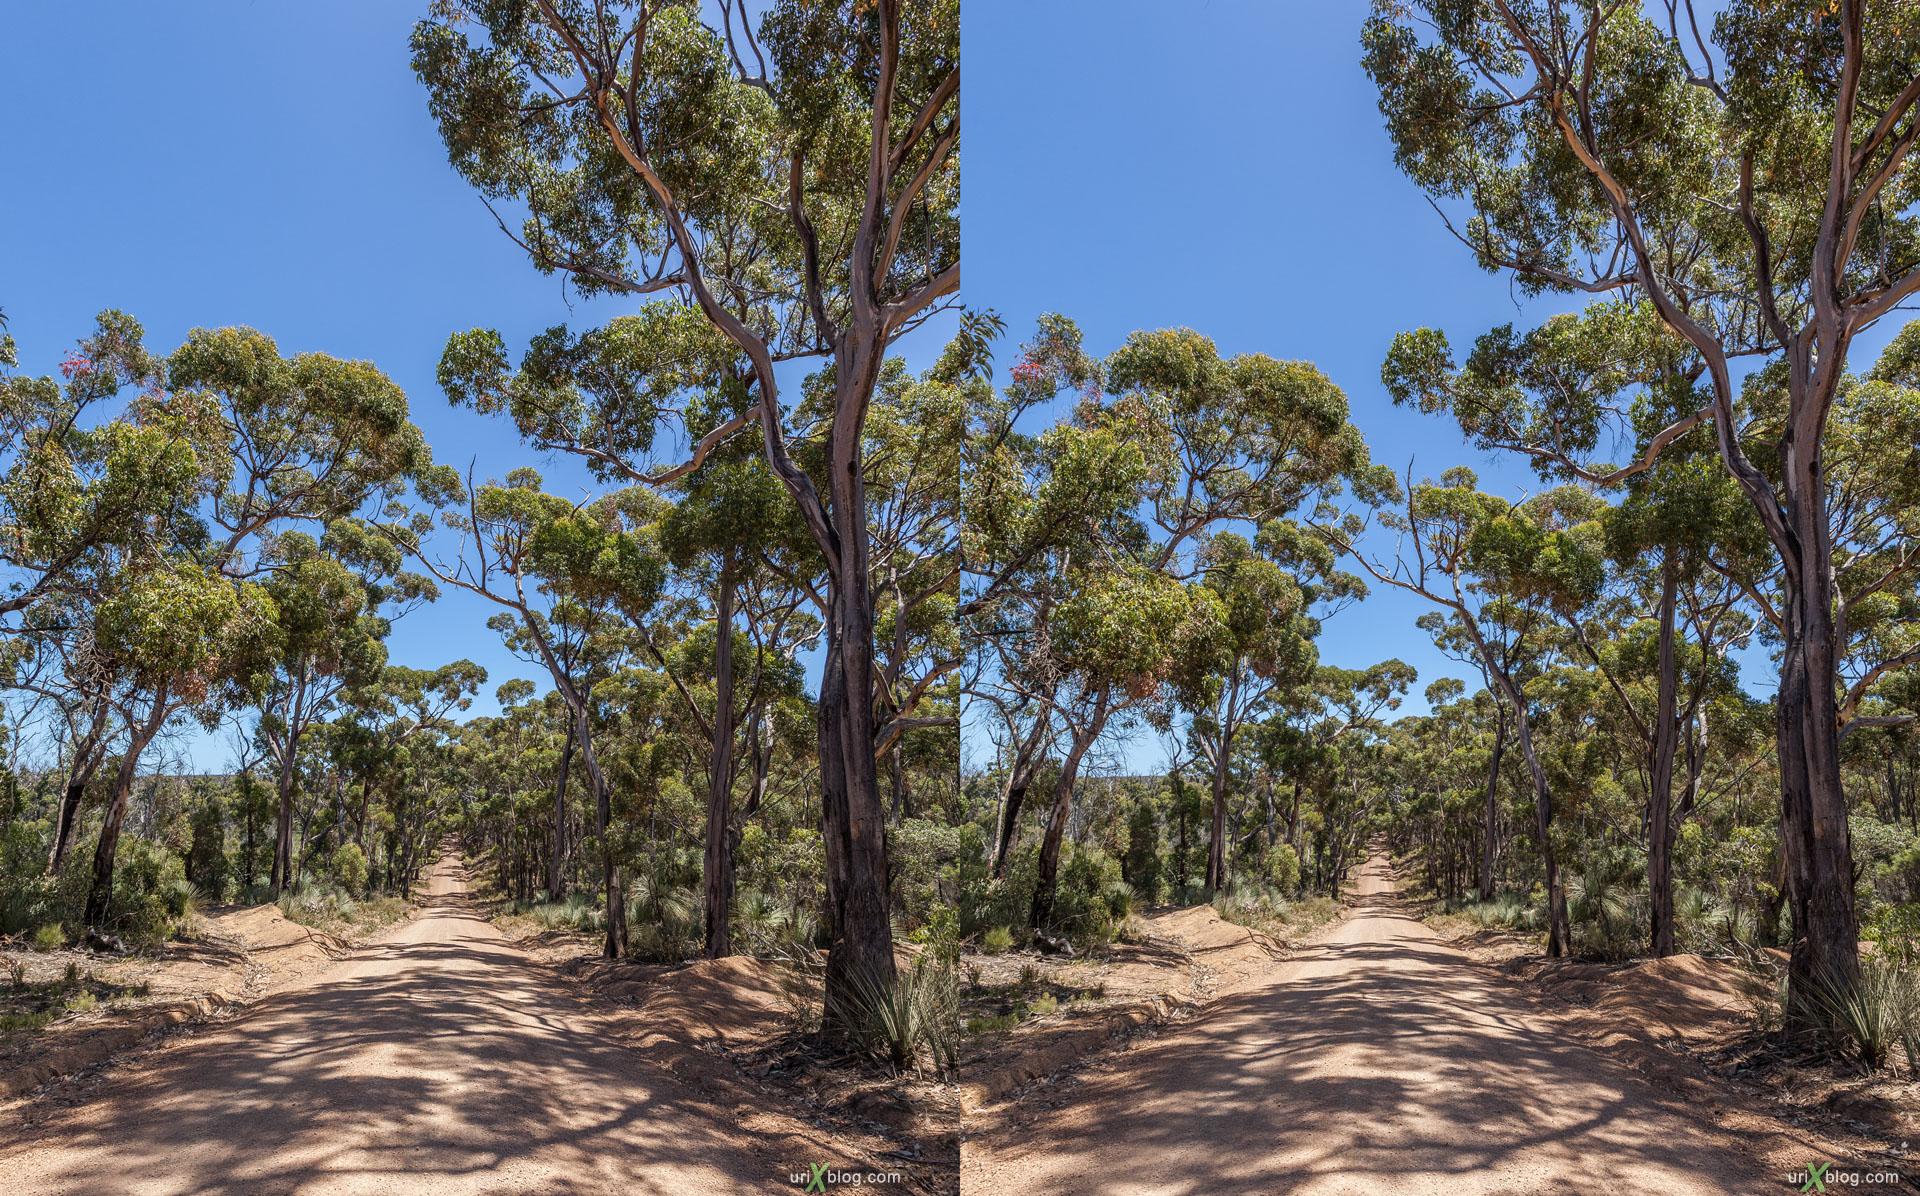 дорога, лес, Ravine Des Casoars Wilderness Protection Area, остров Кенгуру, Австралия, 3D, перекрёстная стереопара, стерео, стереопара, 2011